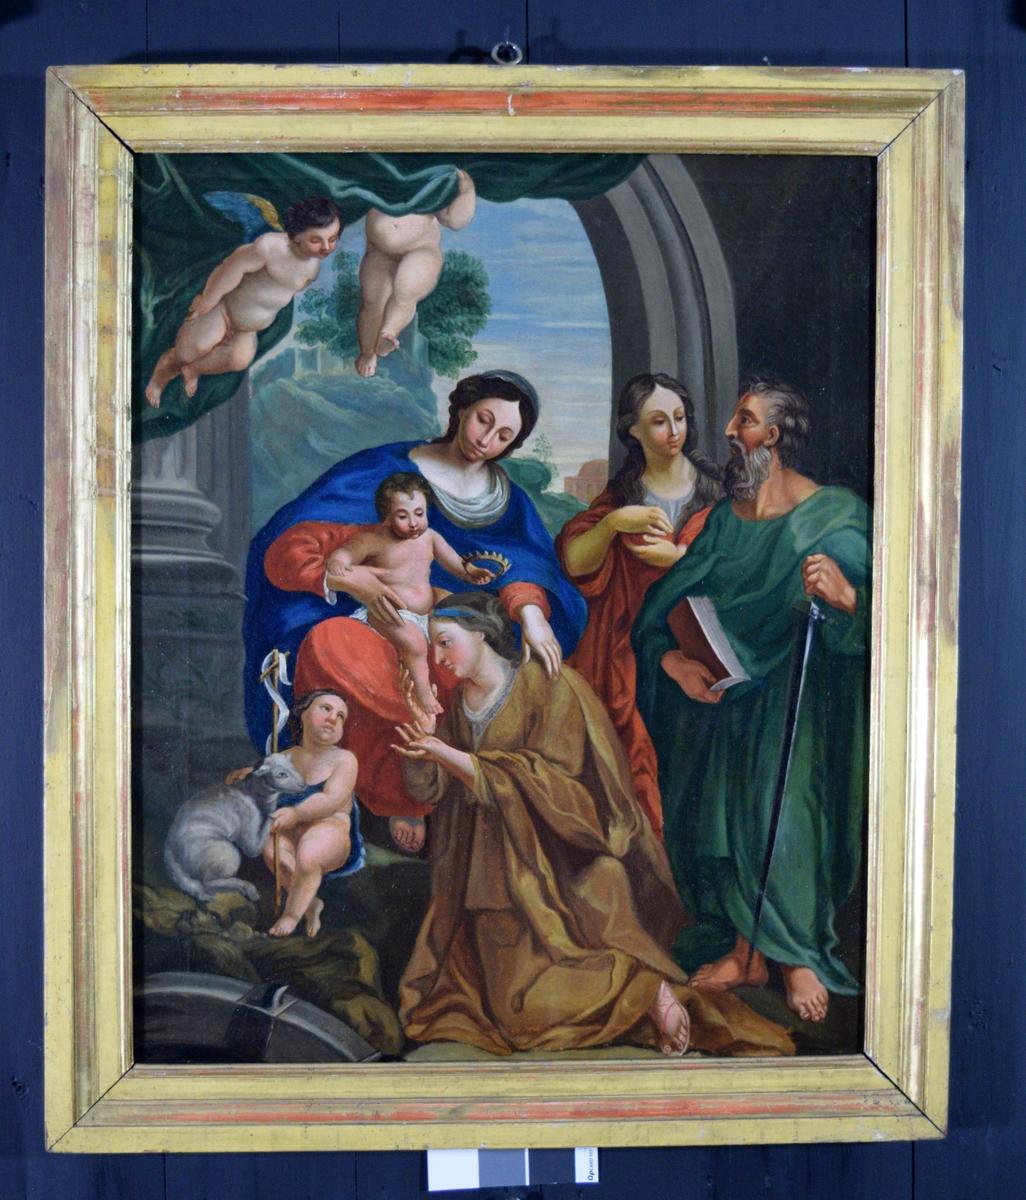 Schenen tar plass under en bueåpning ut mot et landskap. To små amoriner løfter et teppe til side. jomfru Maria sitter i blå kappe med jesusbarnet på fanget. Jesusbarnet holder en liten krone over hodet til en knelende kvinne kledd i grønt (Katharina av Alexandria). Kvinnen skal til å kysse Jesus' fot. Like inntil sitter johannes med lam og kors. til høyre sees stående en kvinne i rødt og en evangelist (?) med bok og sverd.